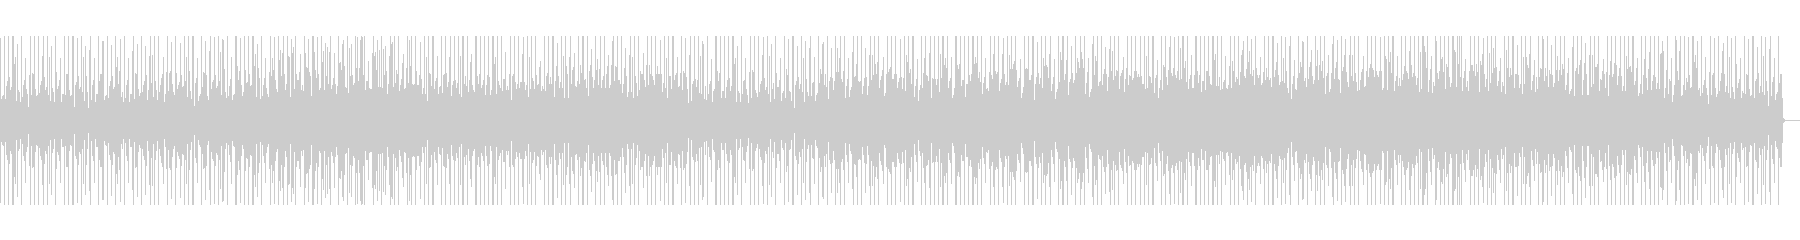 80年代風Lo-Fi曲の未再生の波形